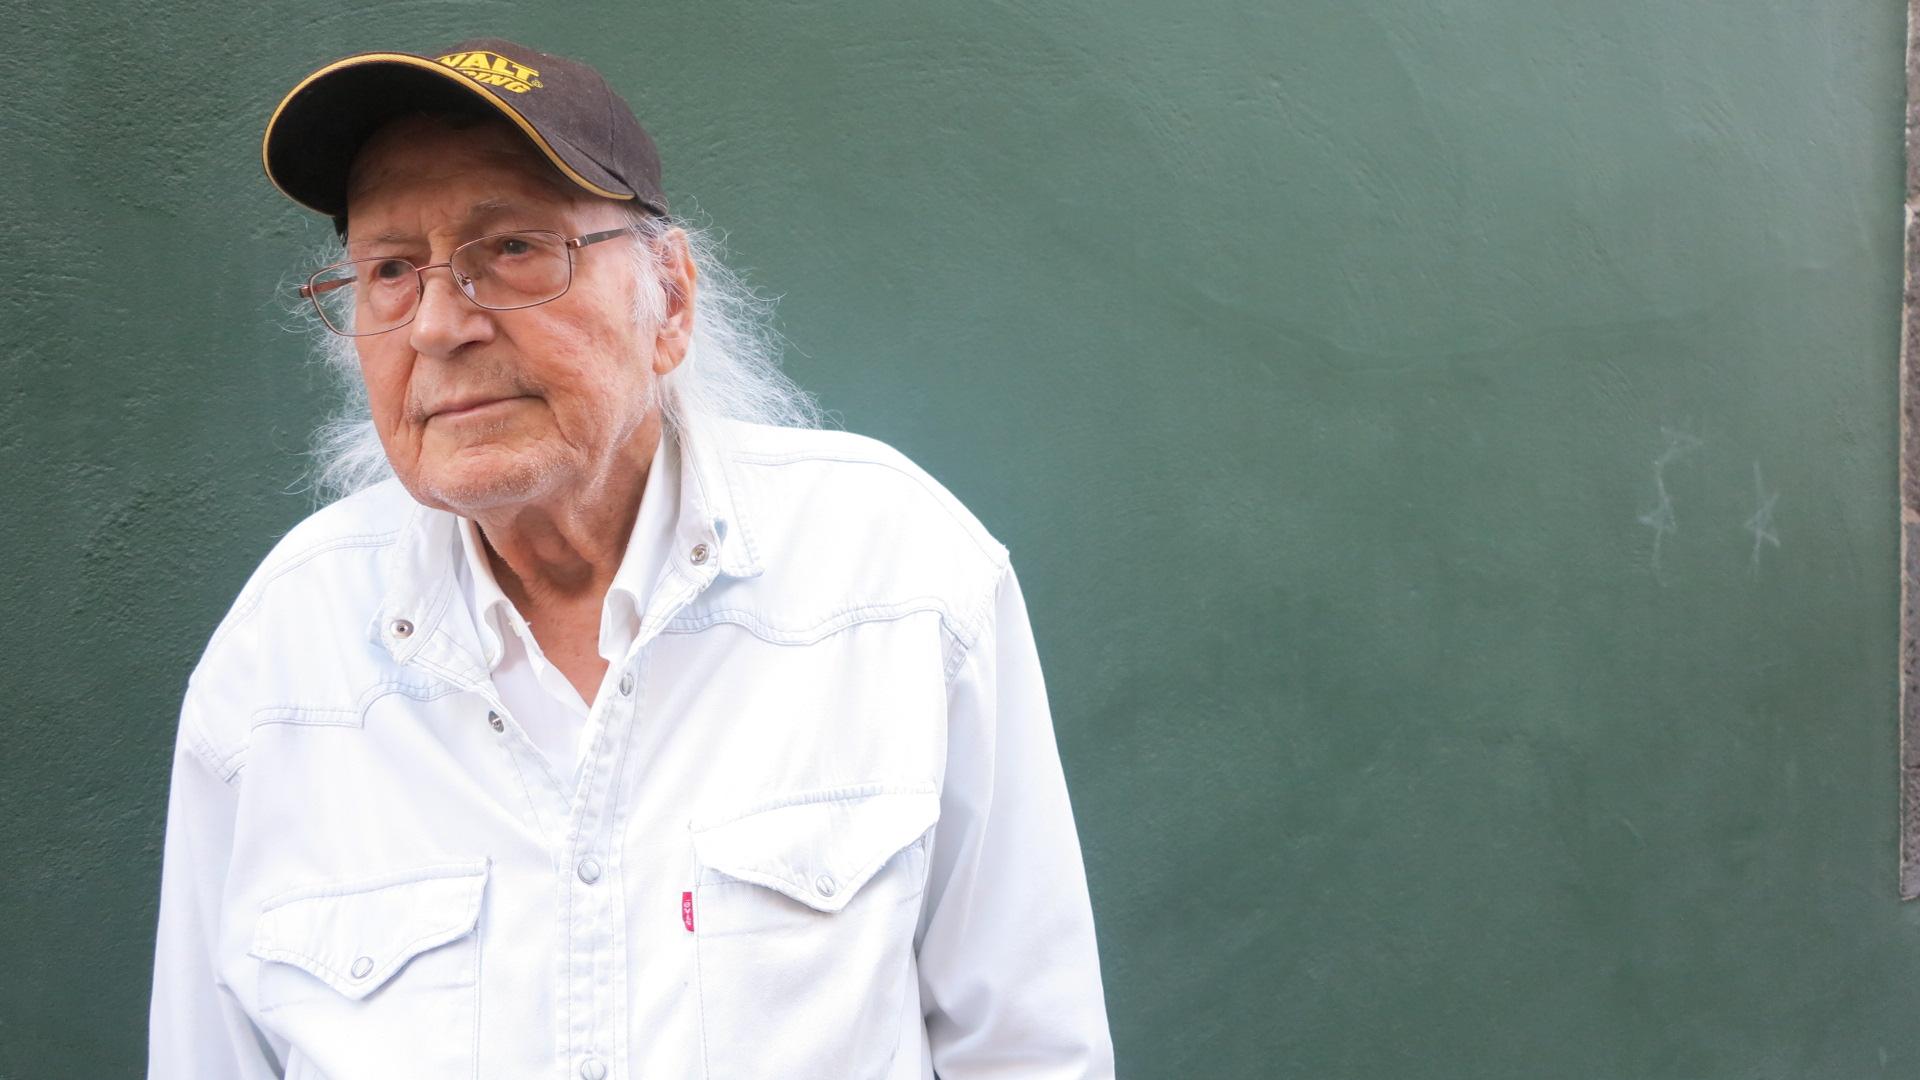 El histórico artista Joaquín Alvarado Janina inaugura la nueva temporada en el Centro de Artes Plásticas del Cabildo